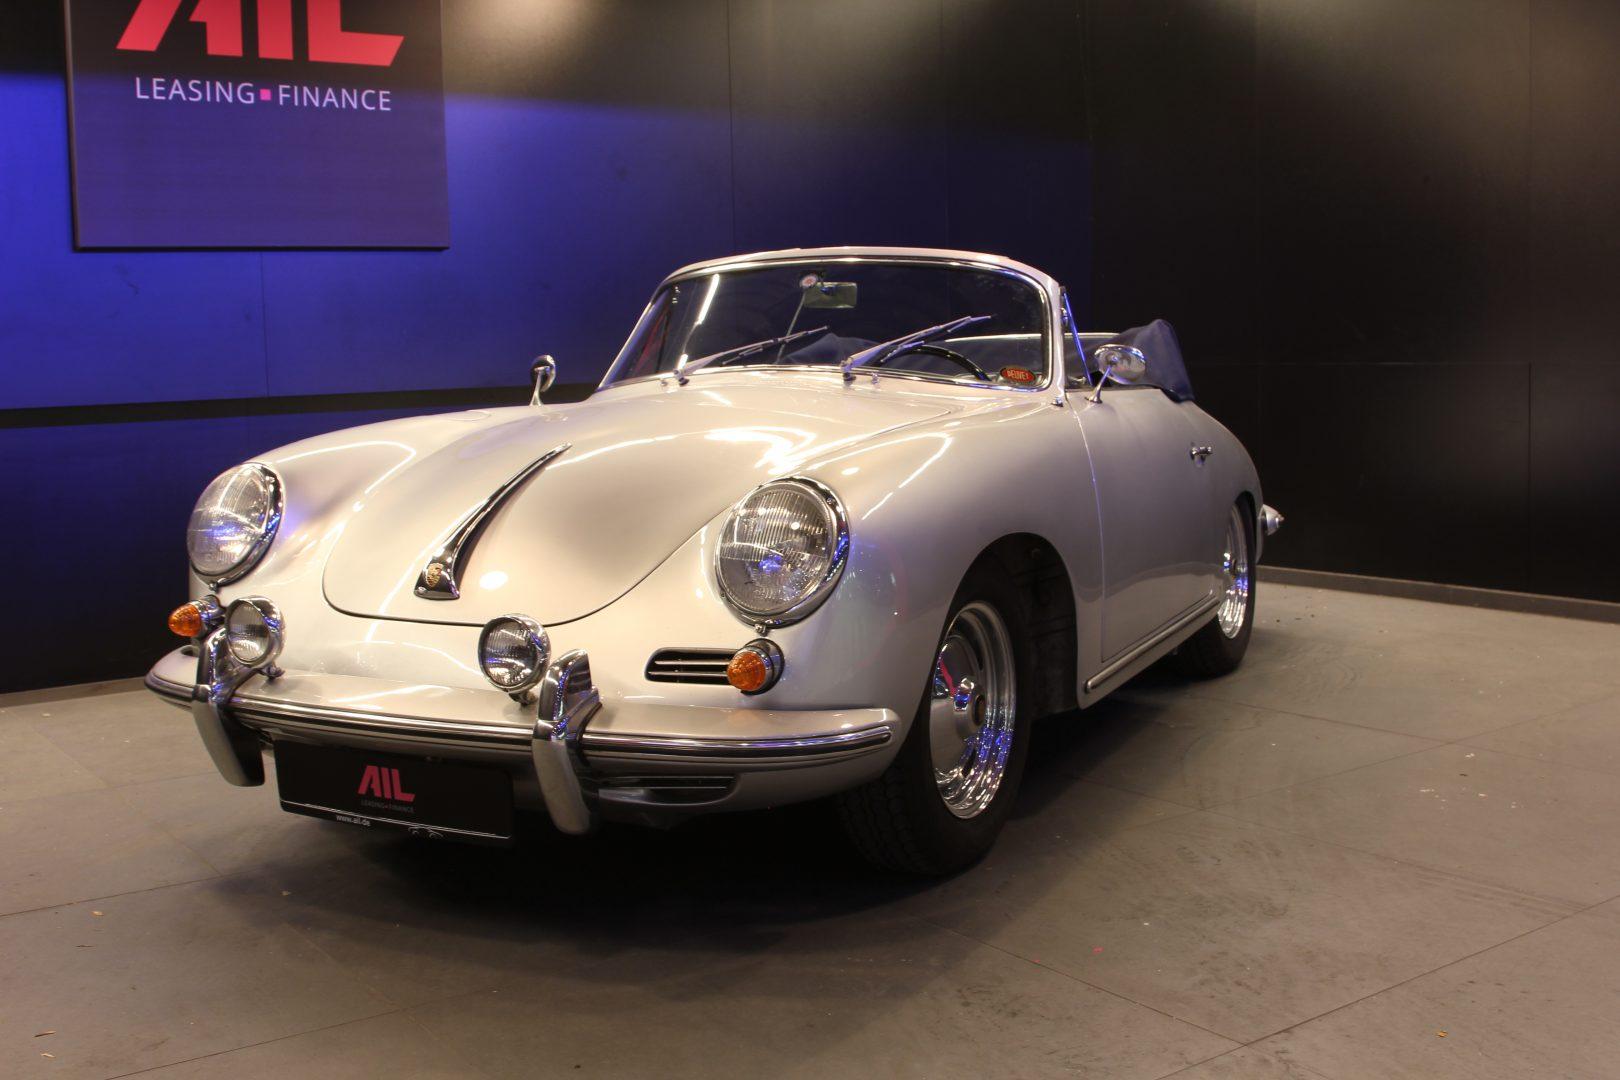 AIL Porsche 356 B 1600 Super 8